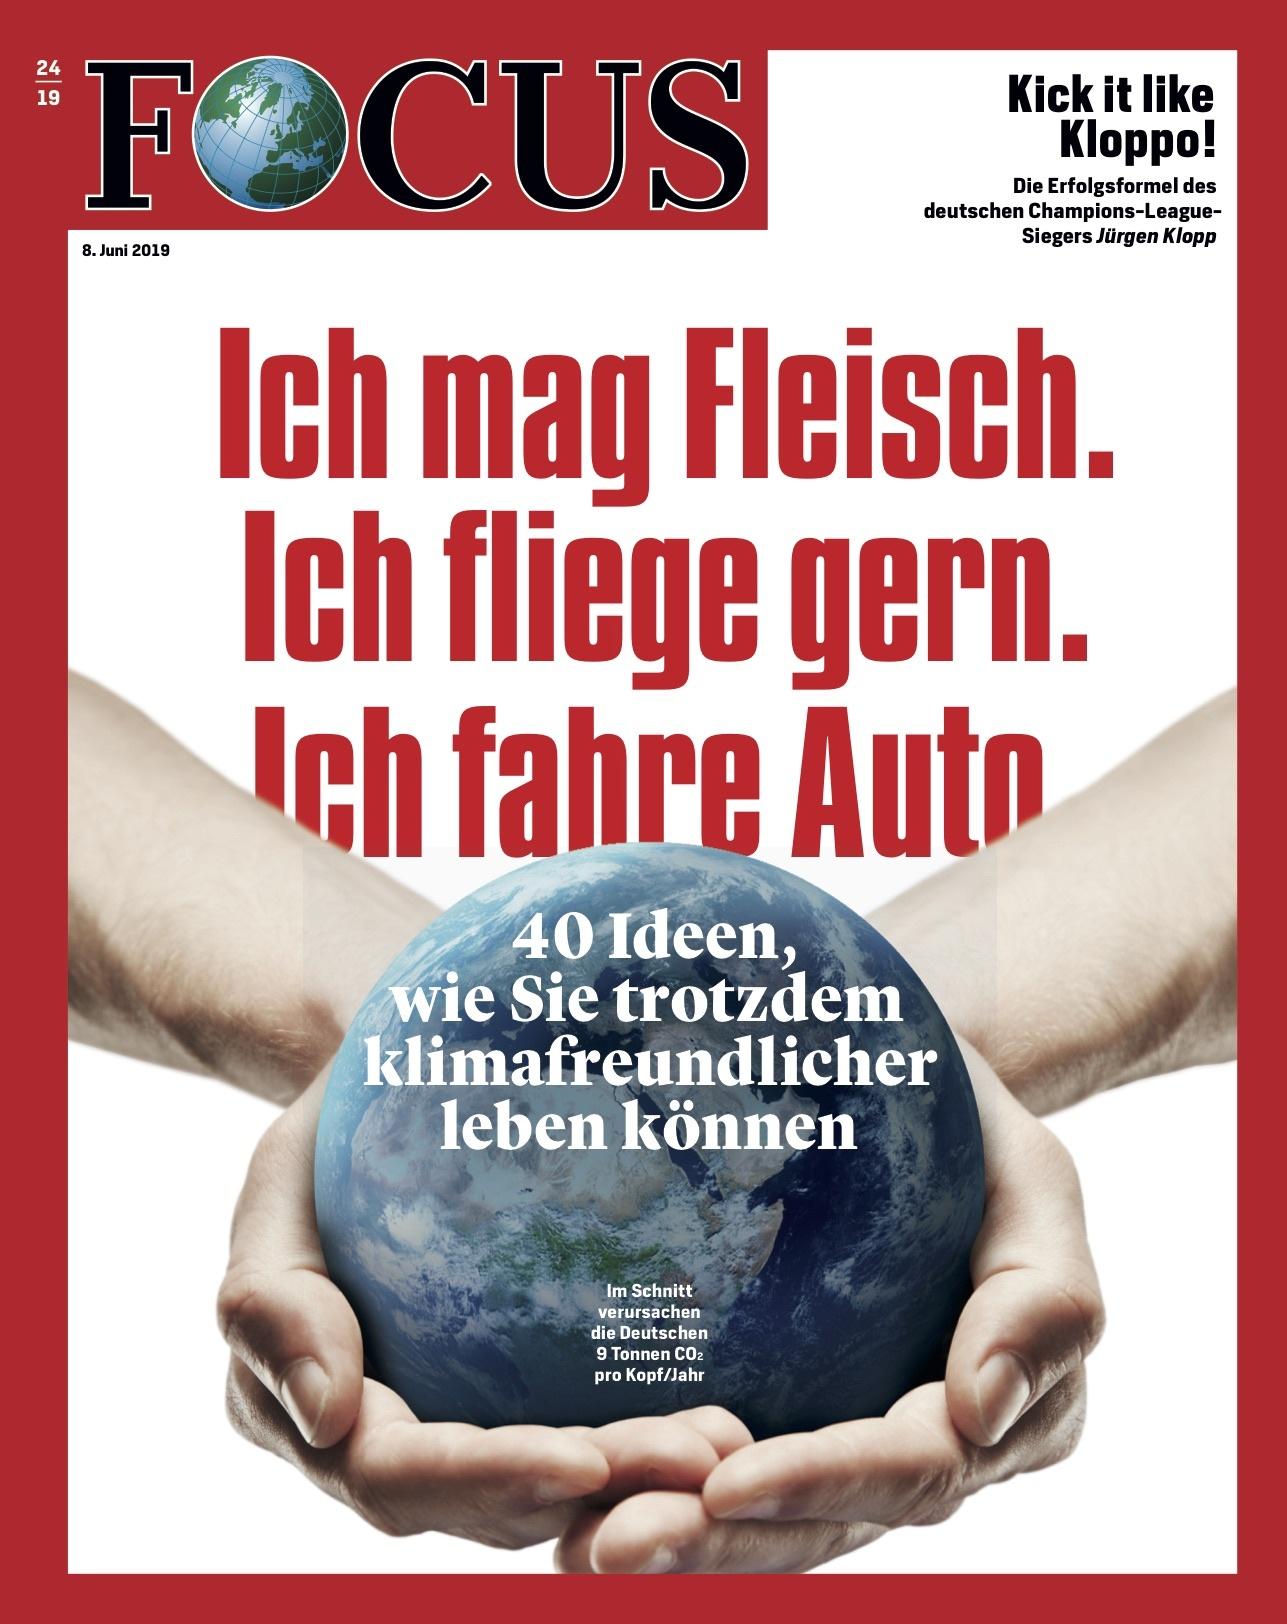 FOCUS Magazin FOCUS Magazin - Ich mag Fleisch. Ich fliege gern. Ich fahre Auto.